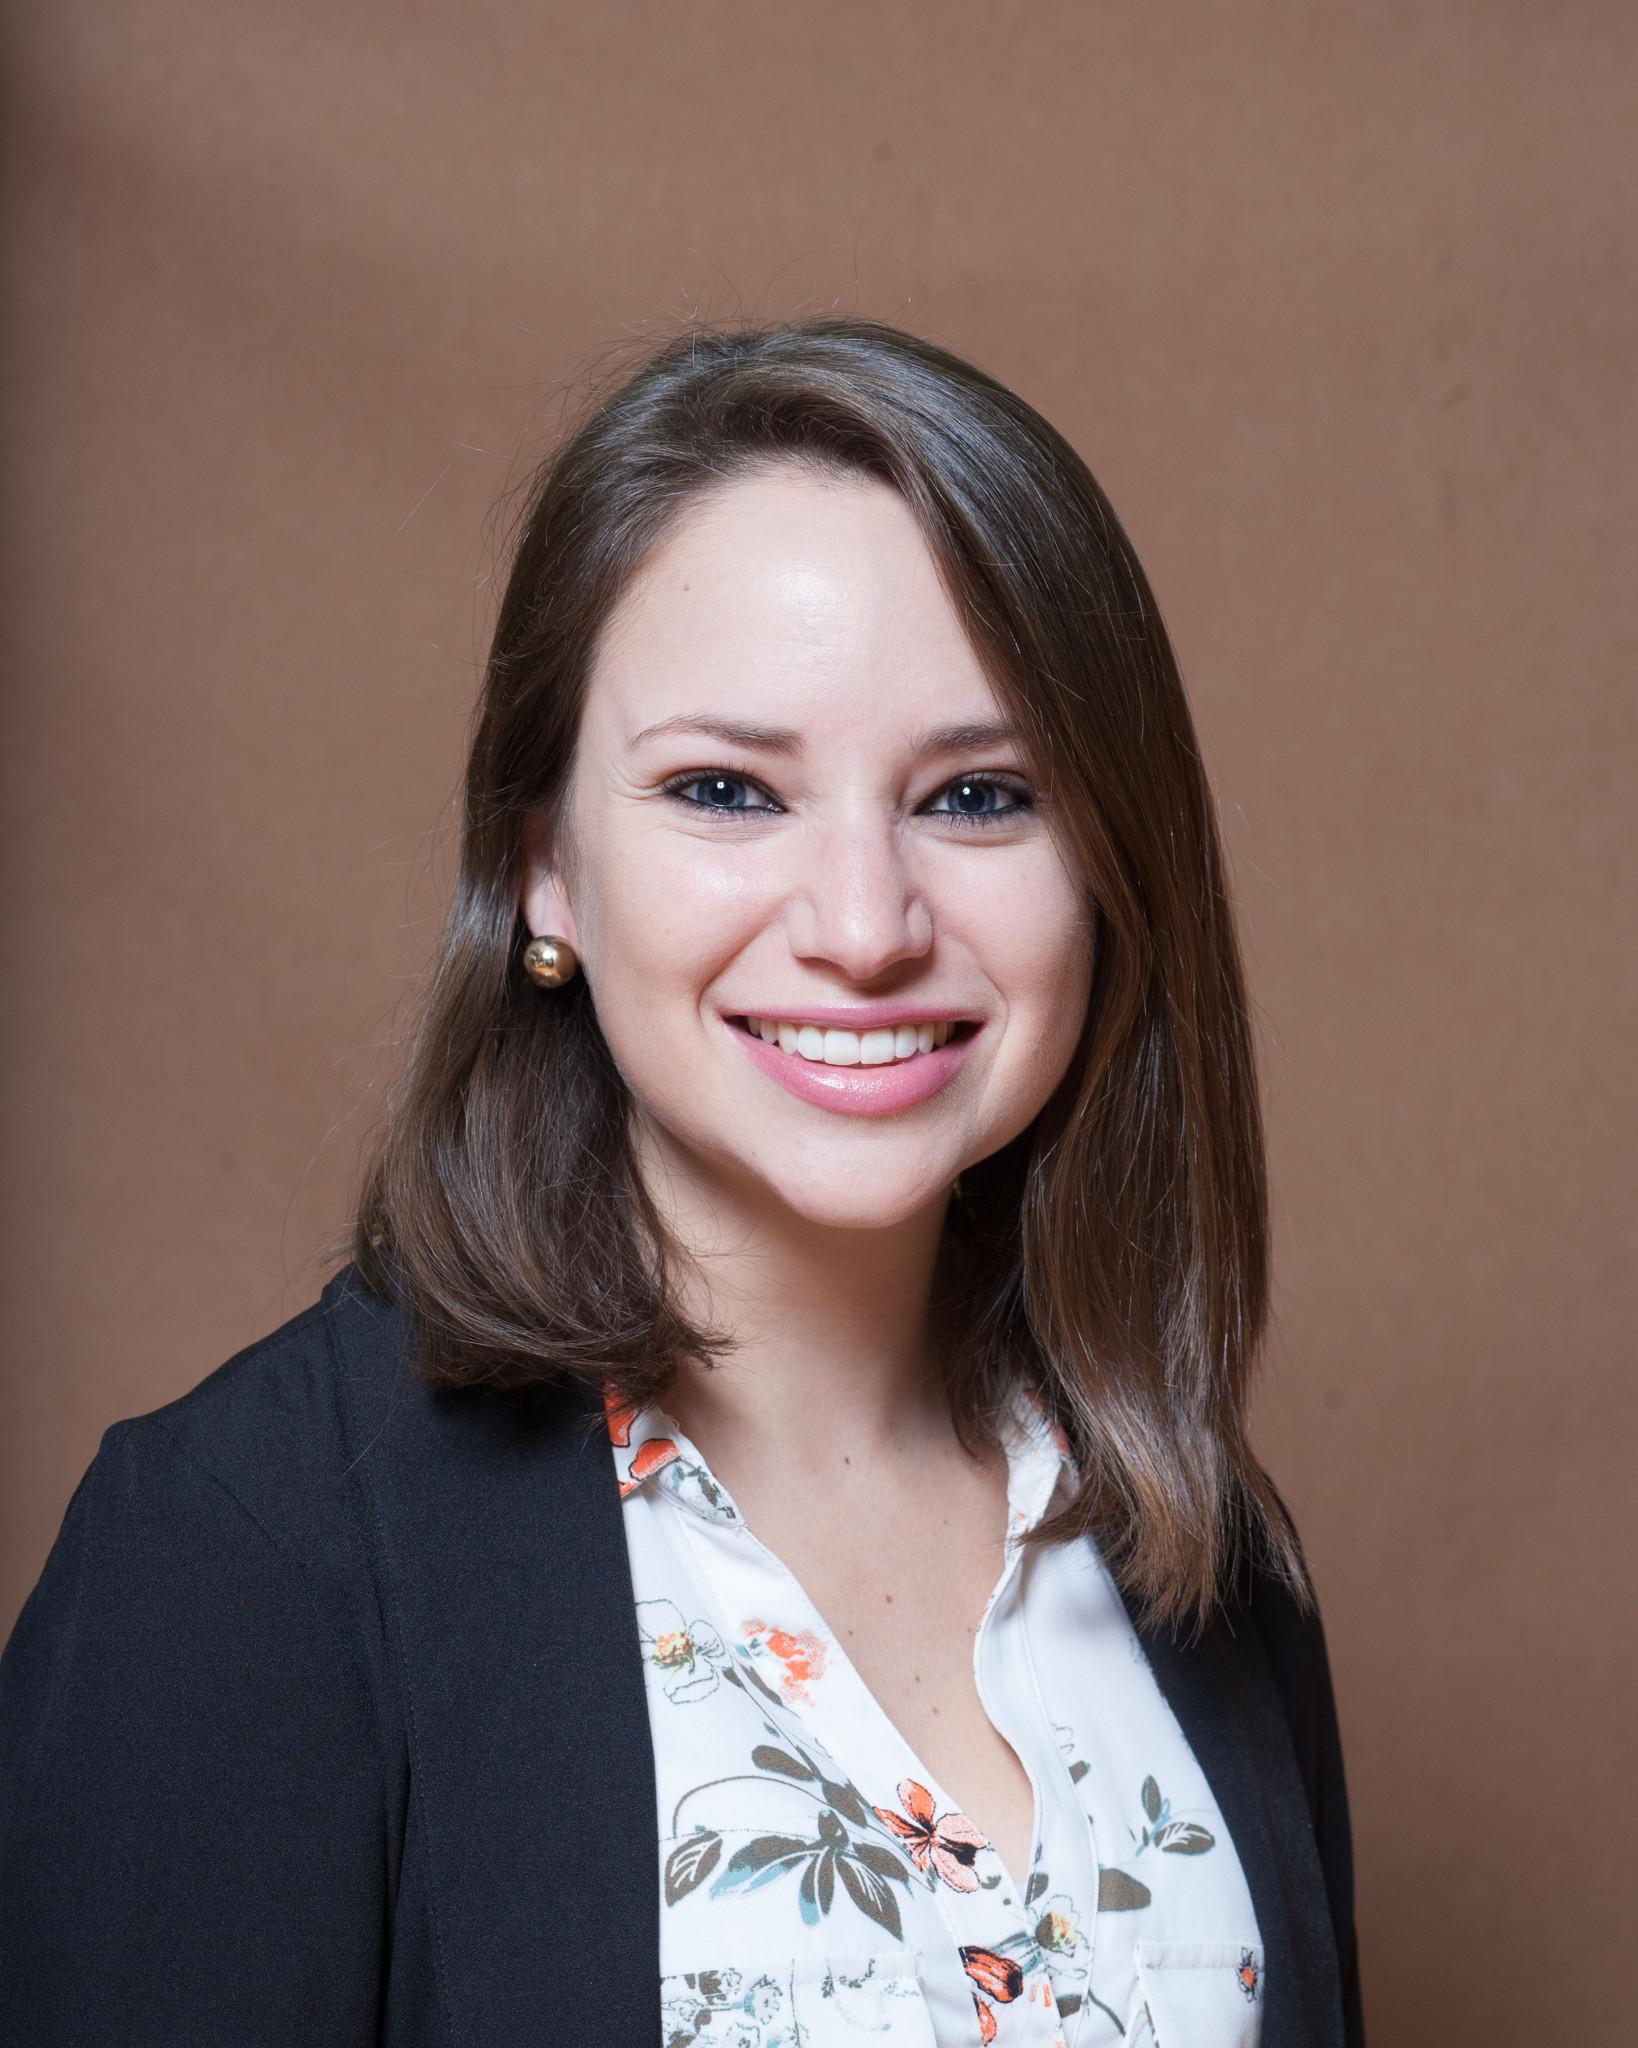 Hayley Voth - Directress